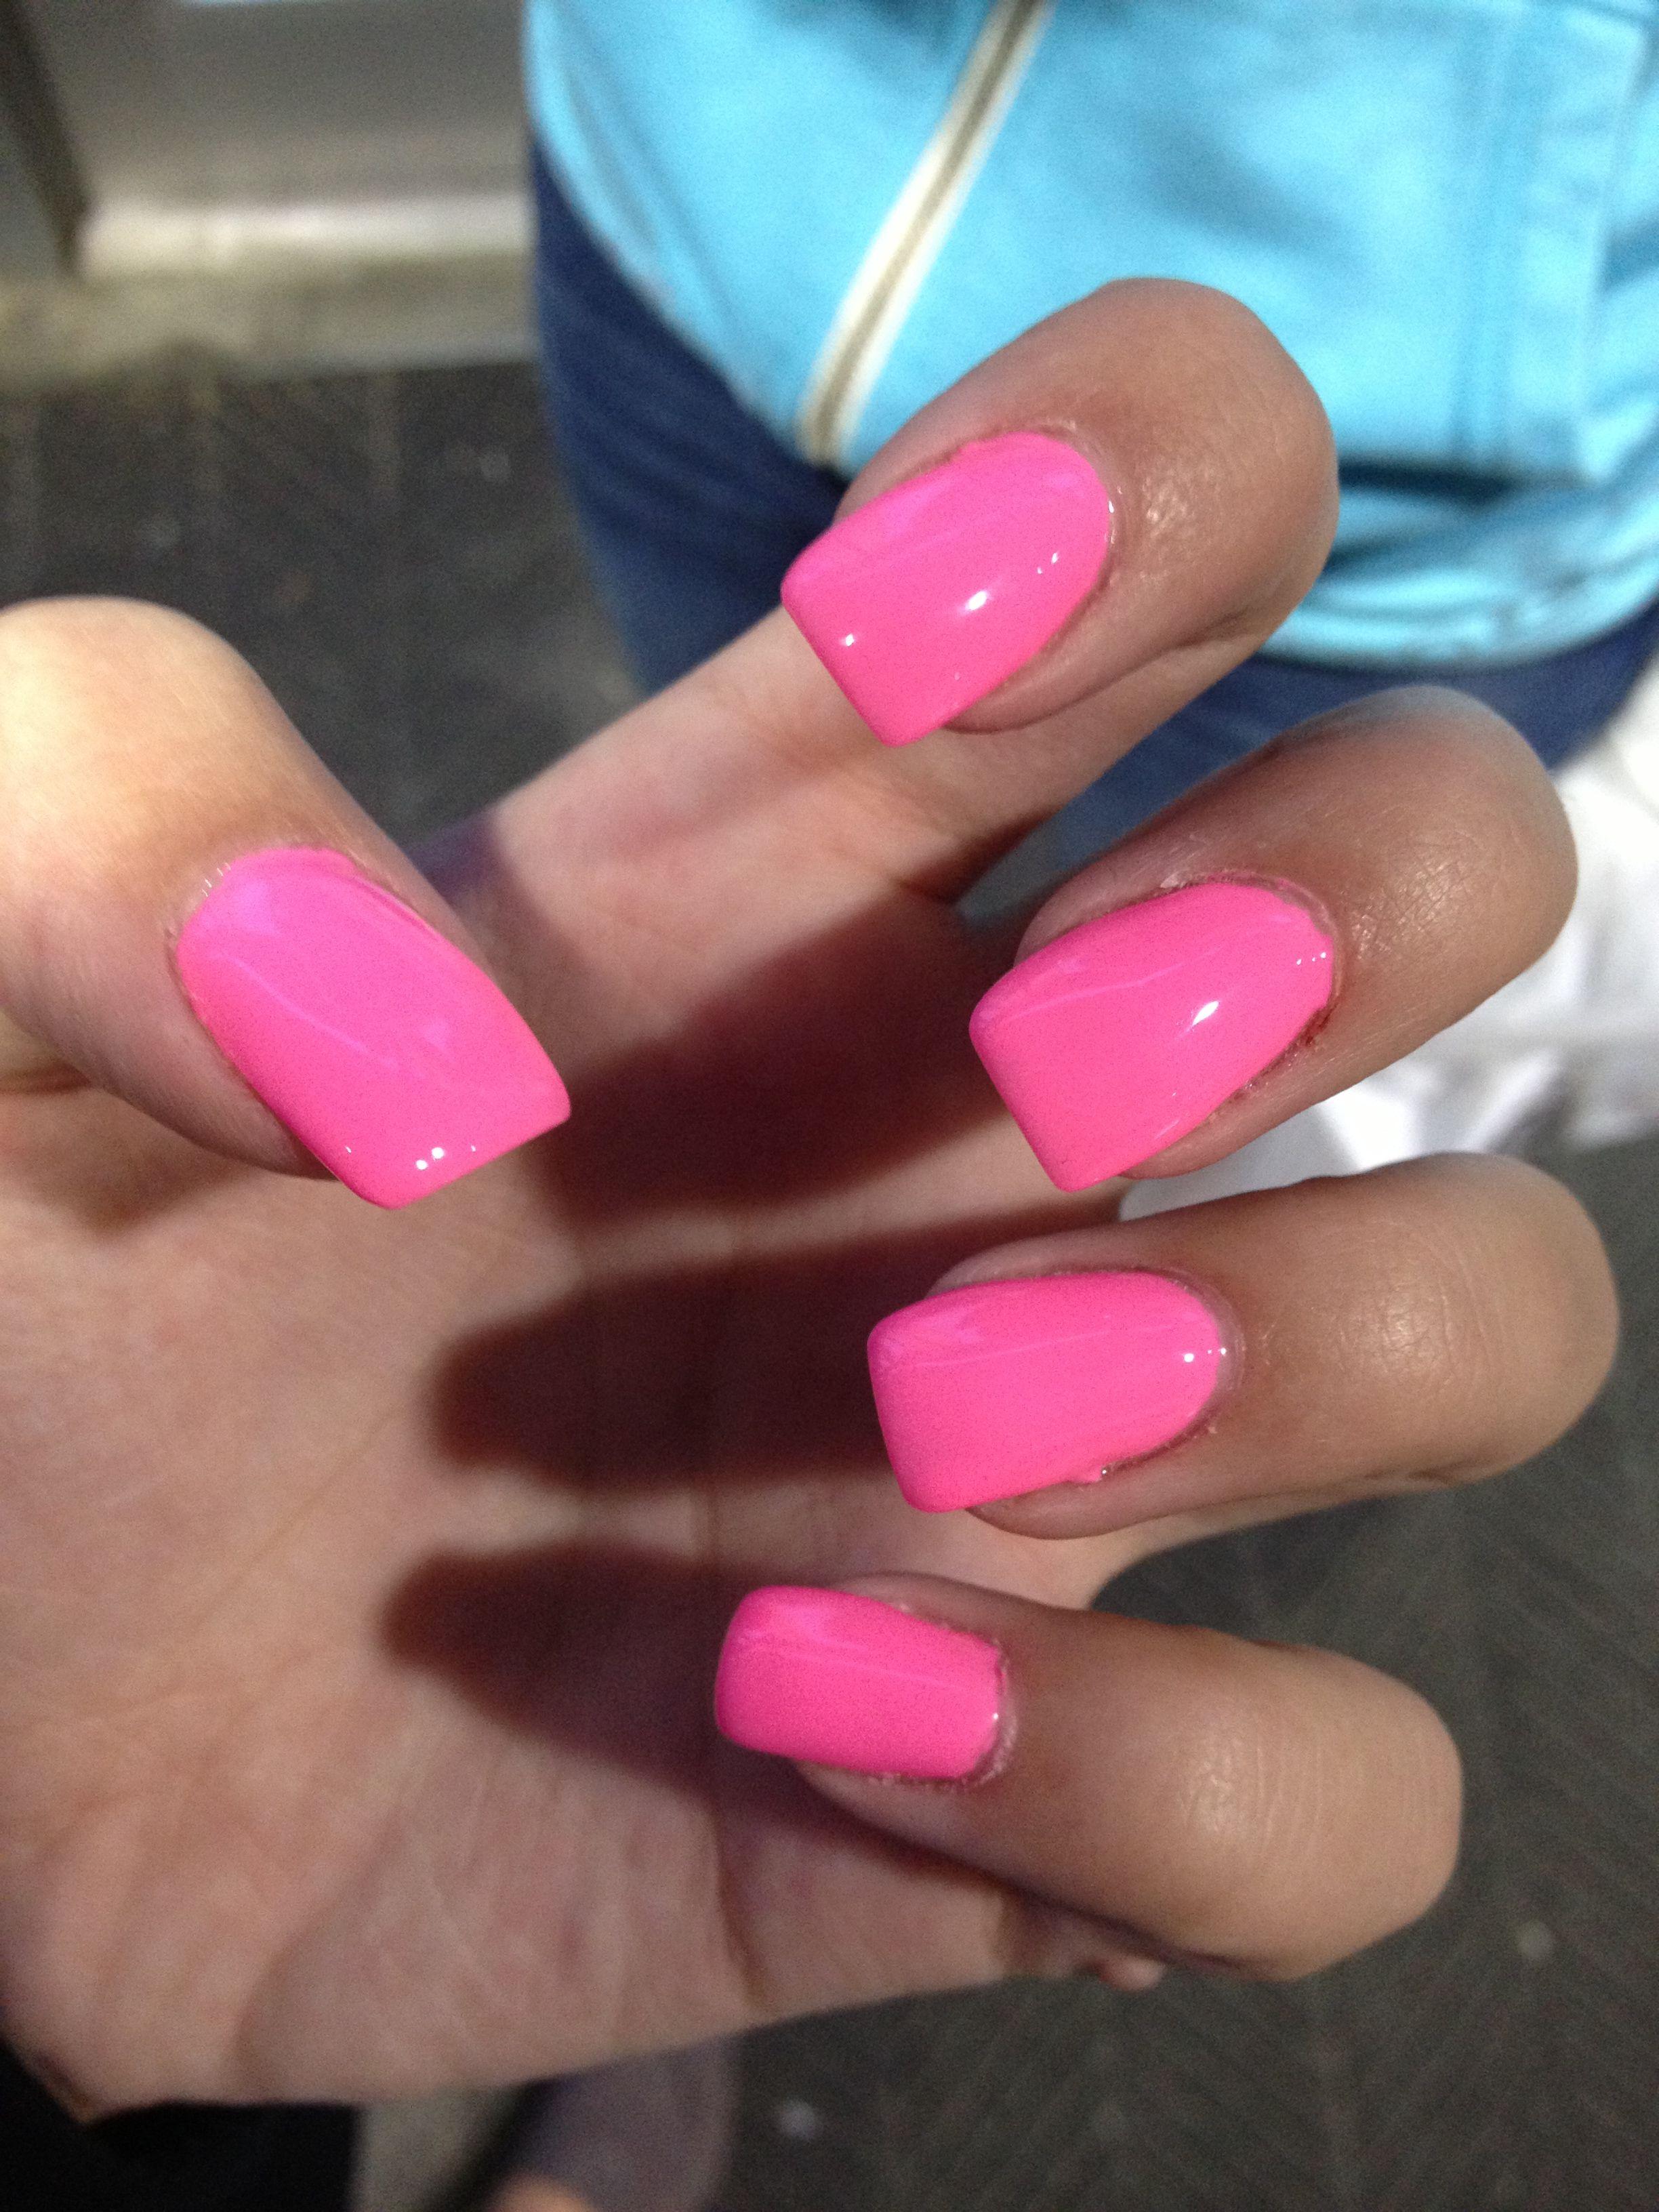 Pin By April Mcgowan On Nails Pink Acrylic Nails Bright Nail Art Bright Pink Nails